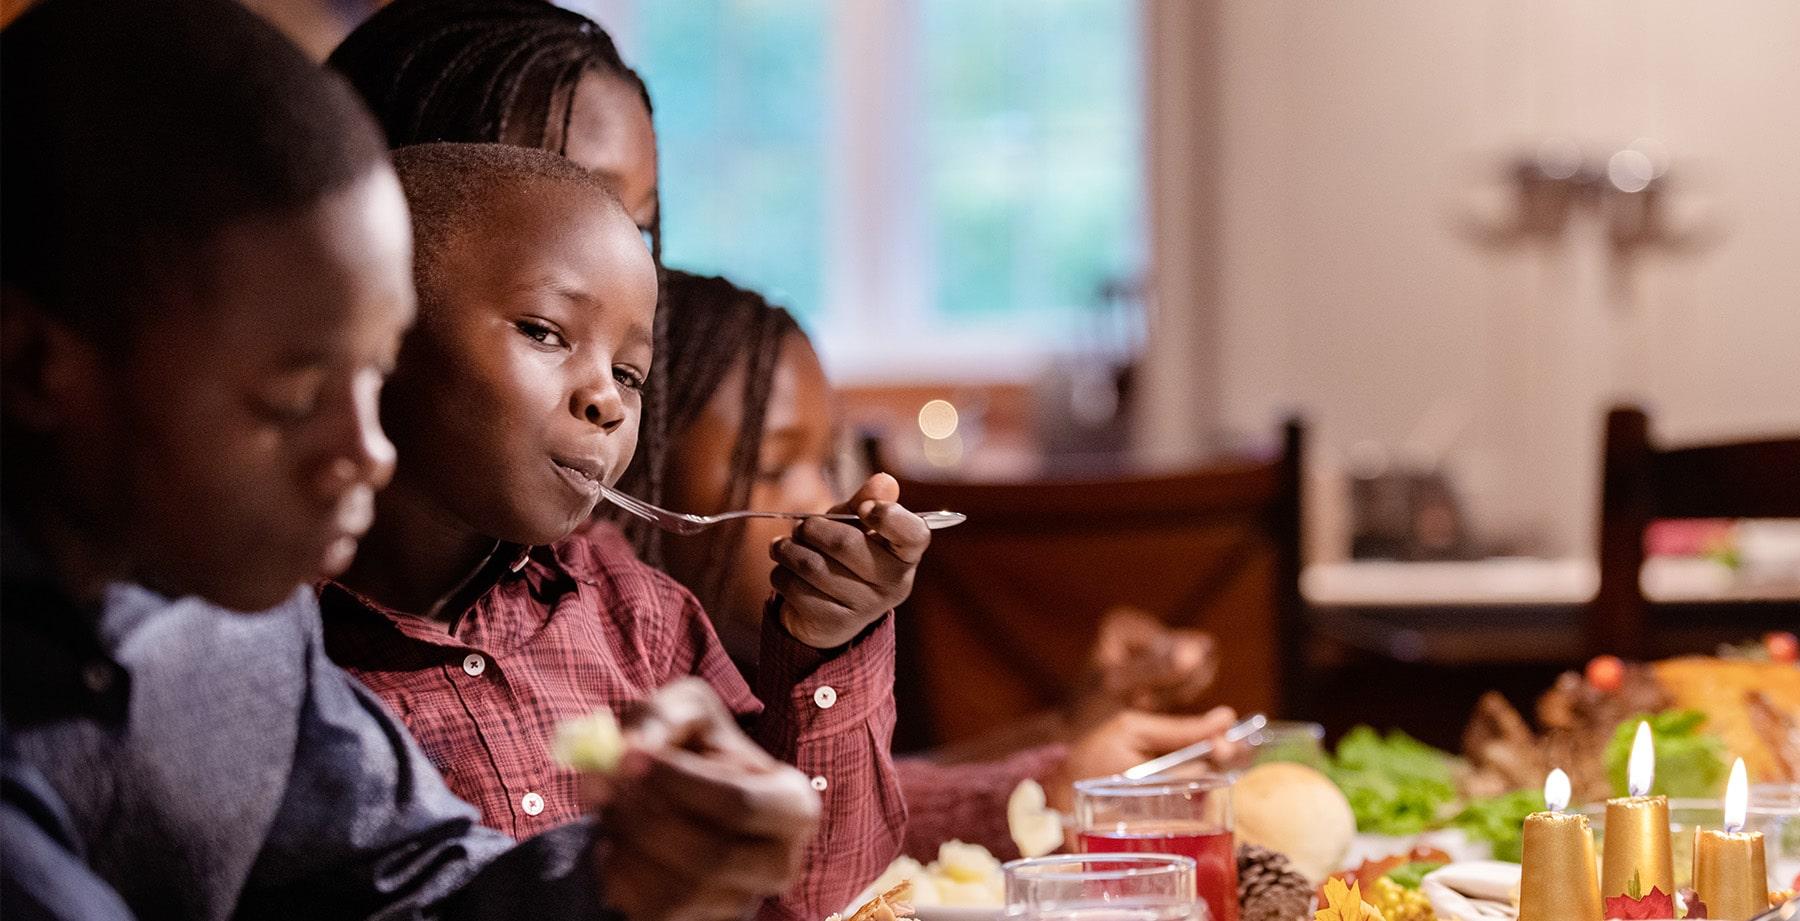 Family Enjoying Holiday Dinner